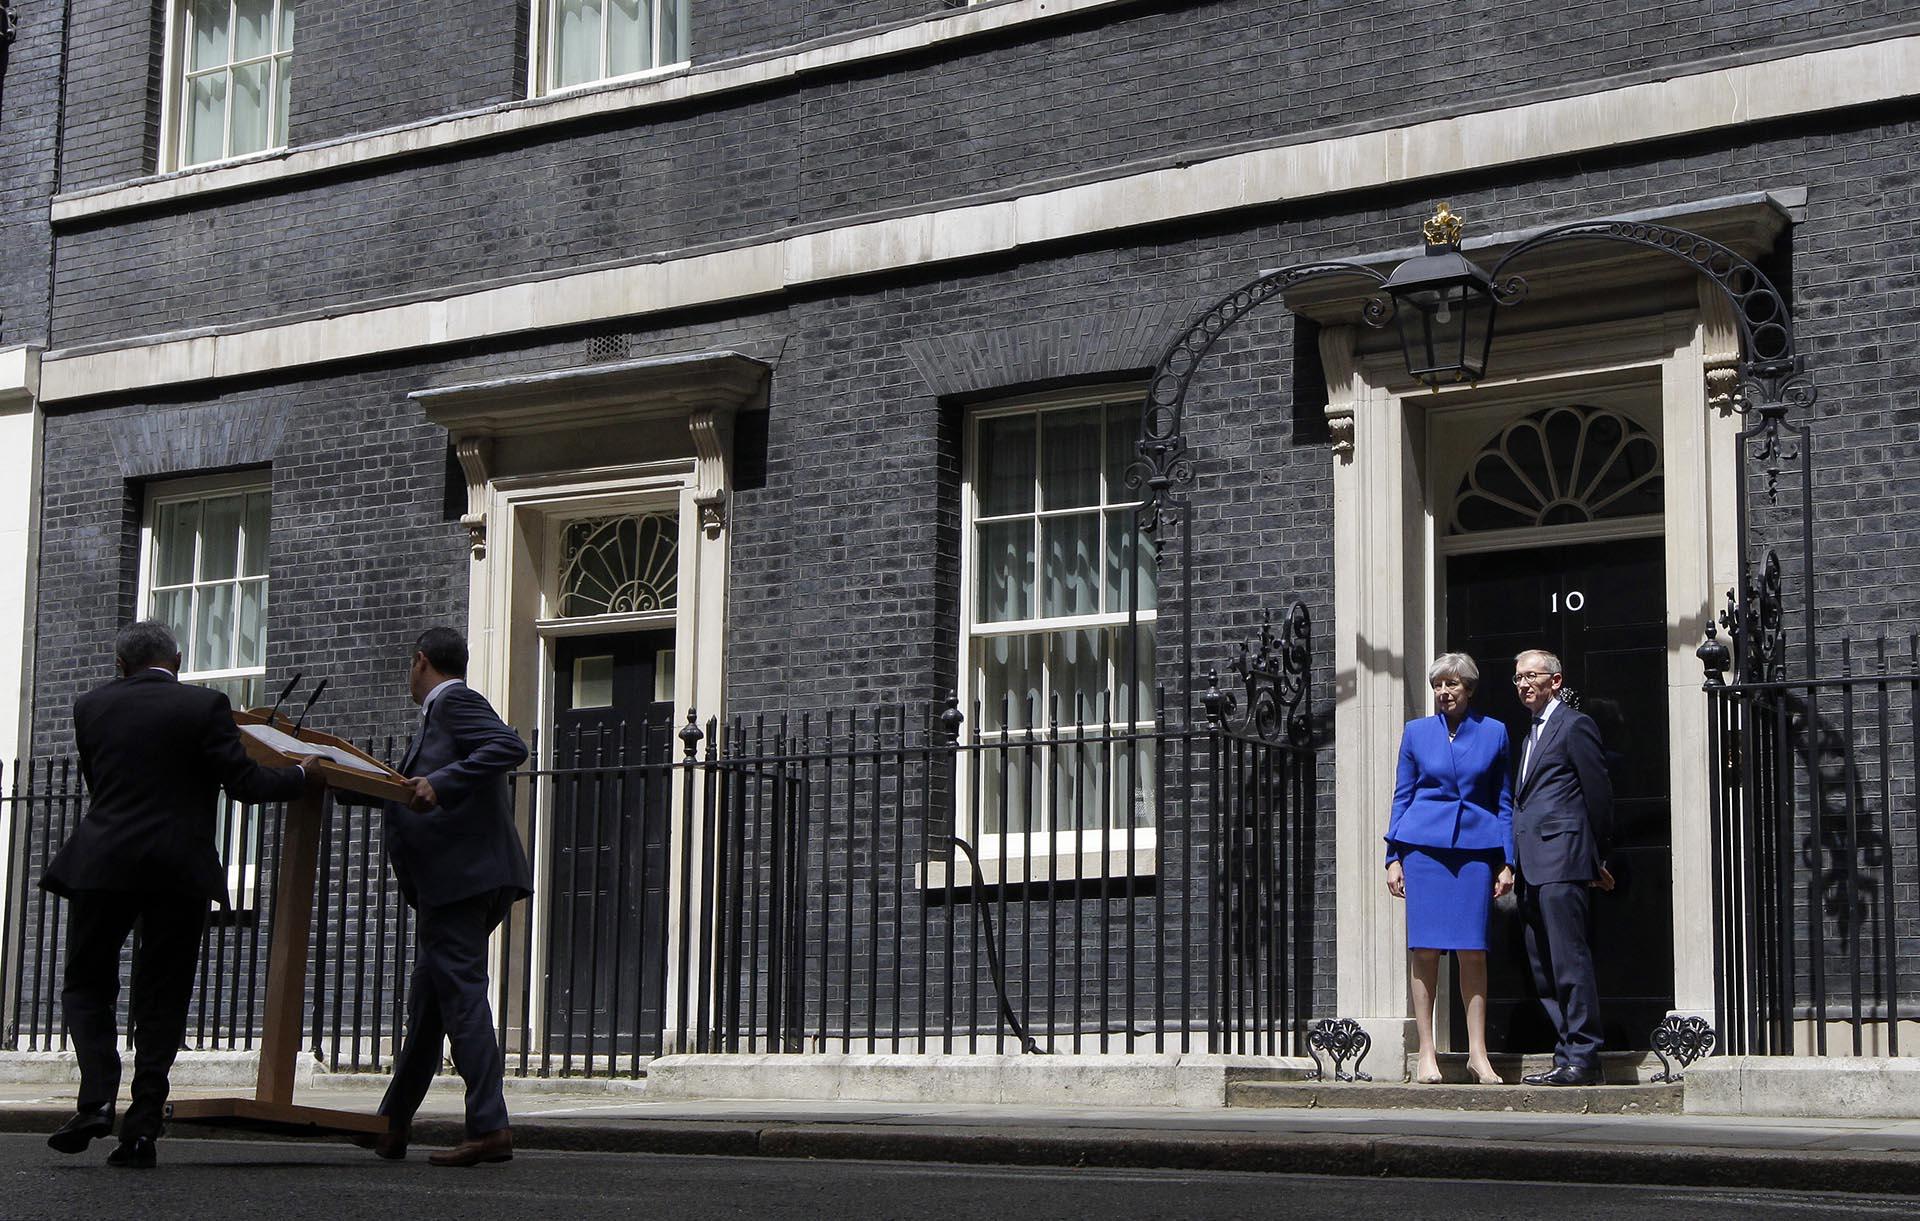 La premier británica Theresa May y su esposo Philip en la puerta de Downing Street tras dirigirse a la prensa este luego de la audiencia con la reina Isabel II en el Palacio de Buckingham